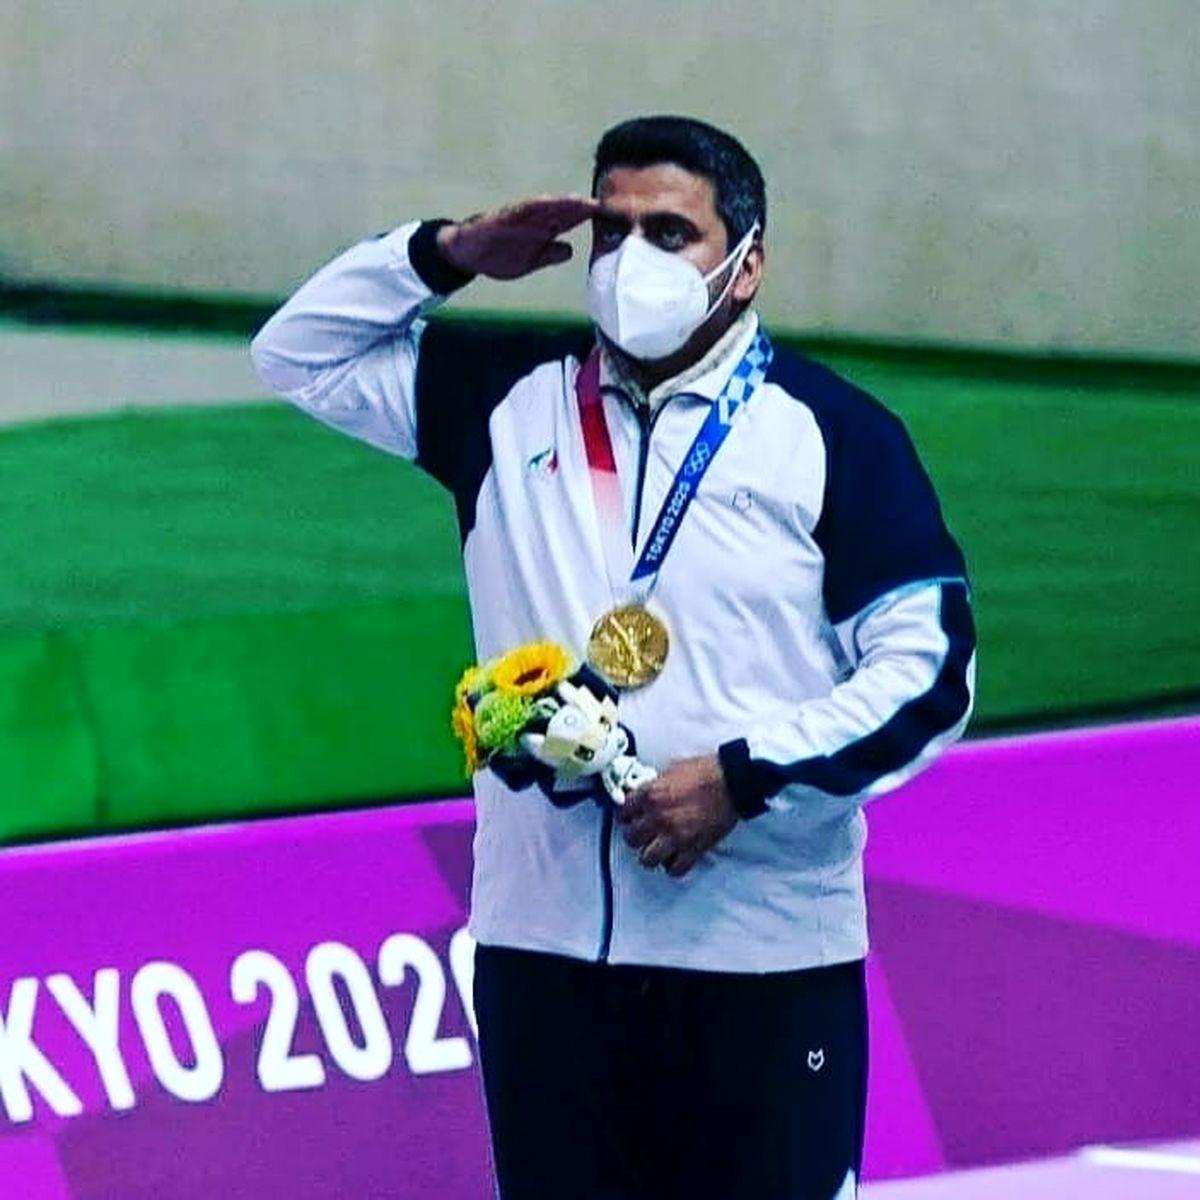 جواد فروغی نامی است که در روزهای اخیر با کسب مدال طلای المپیک در توکیو در رشته تیراندازی با تپانچه 10 متر مردان خبرساز شد.